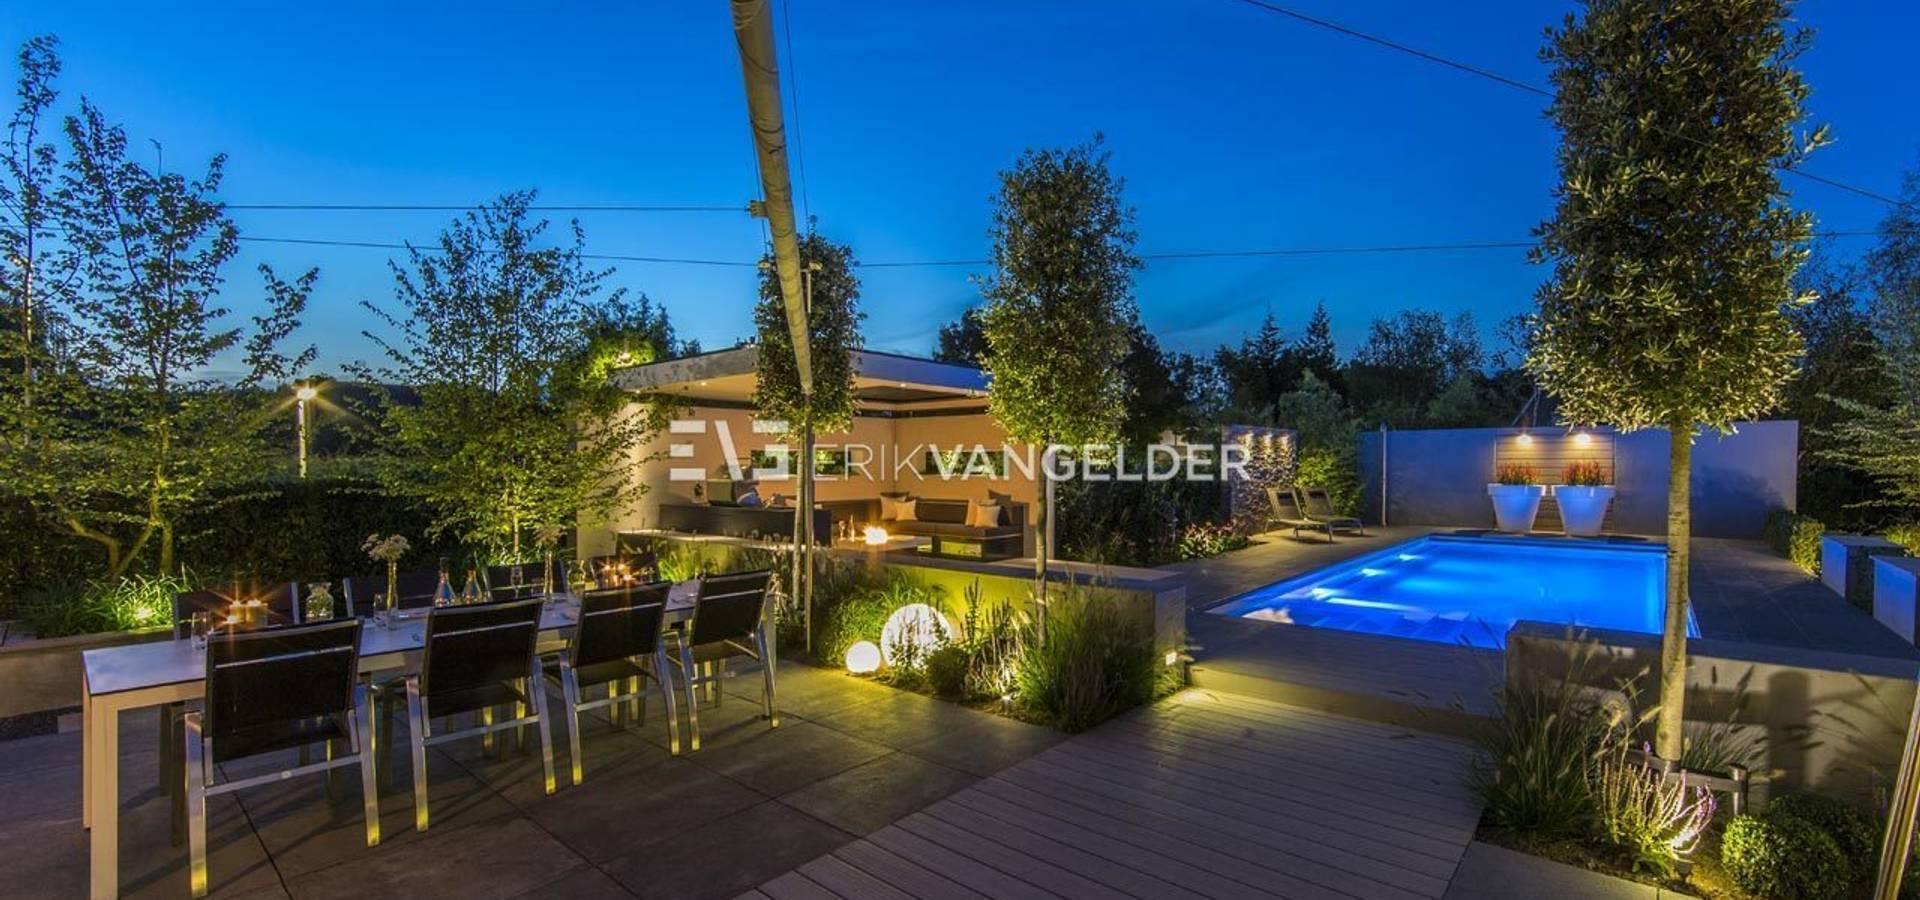 ERIK VAN GELDER | Devoted to Garden Design